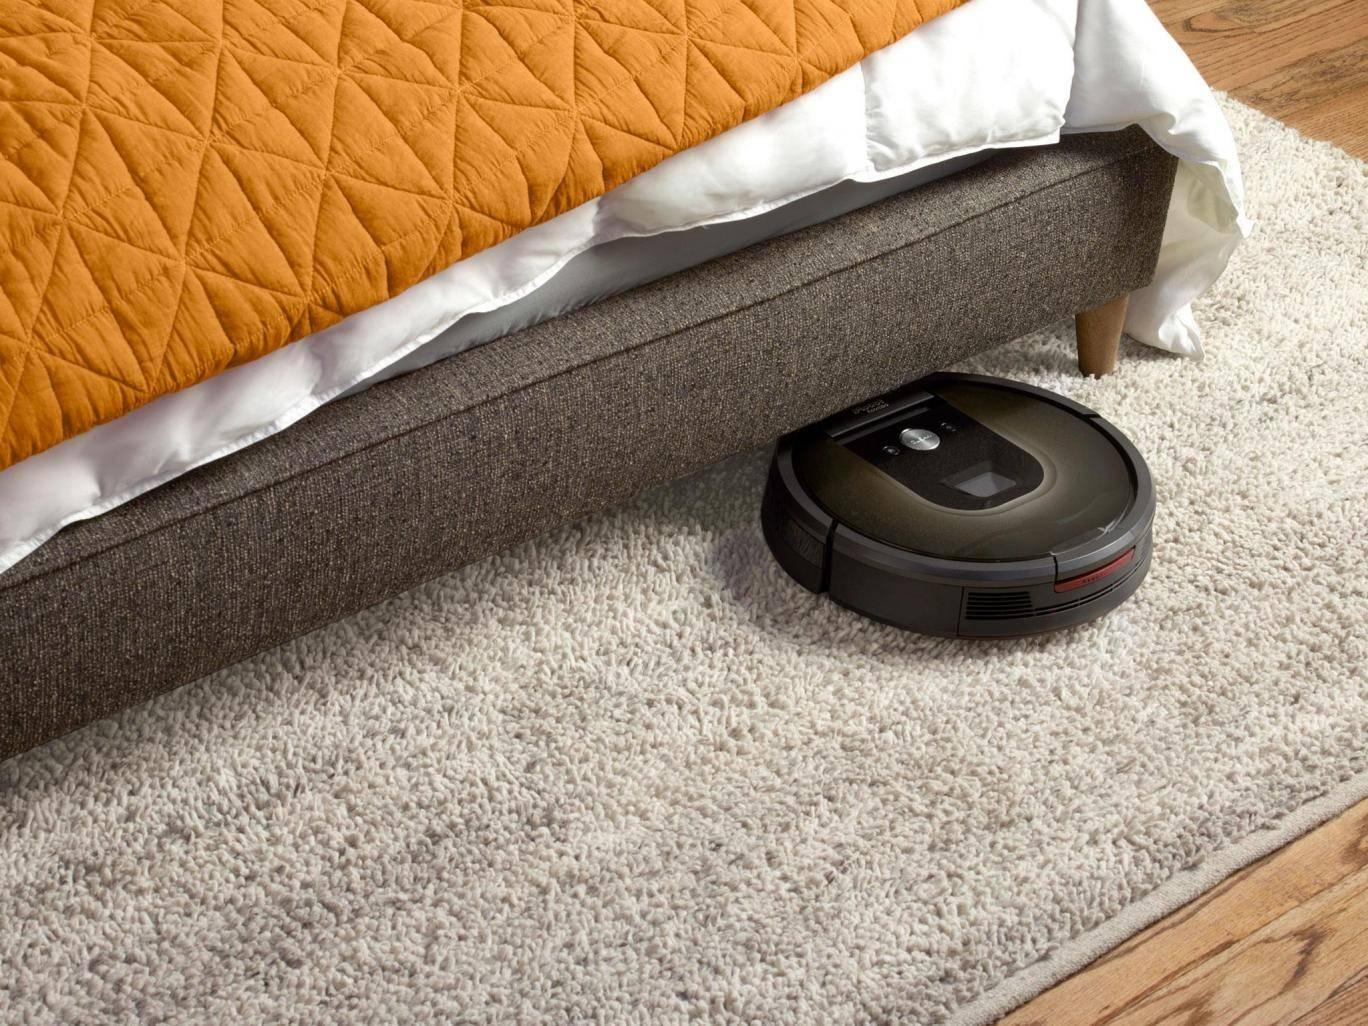 Featured Deals on Top 5 Robot Vacuum Cleaner Brands